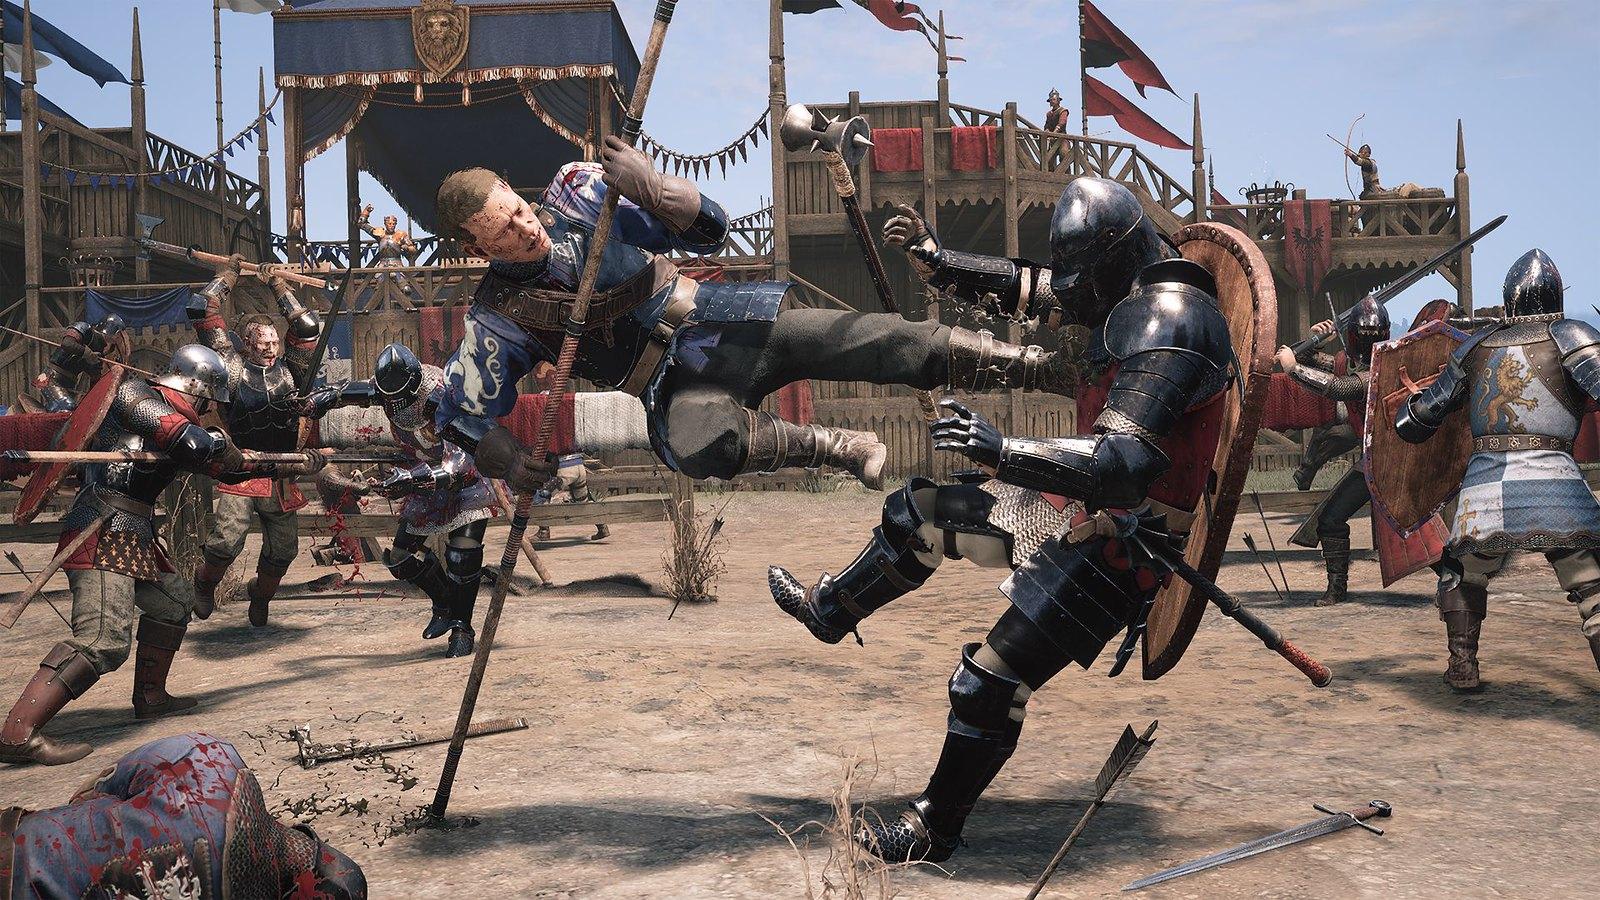 Chivalry 2 tendrá beta cerrada en PS4 y PS5 la semana que viene, te  contamos los detalles - HobbyConsolas Juegos